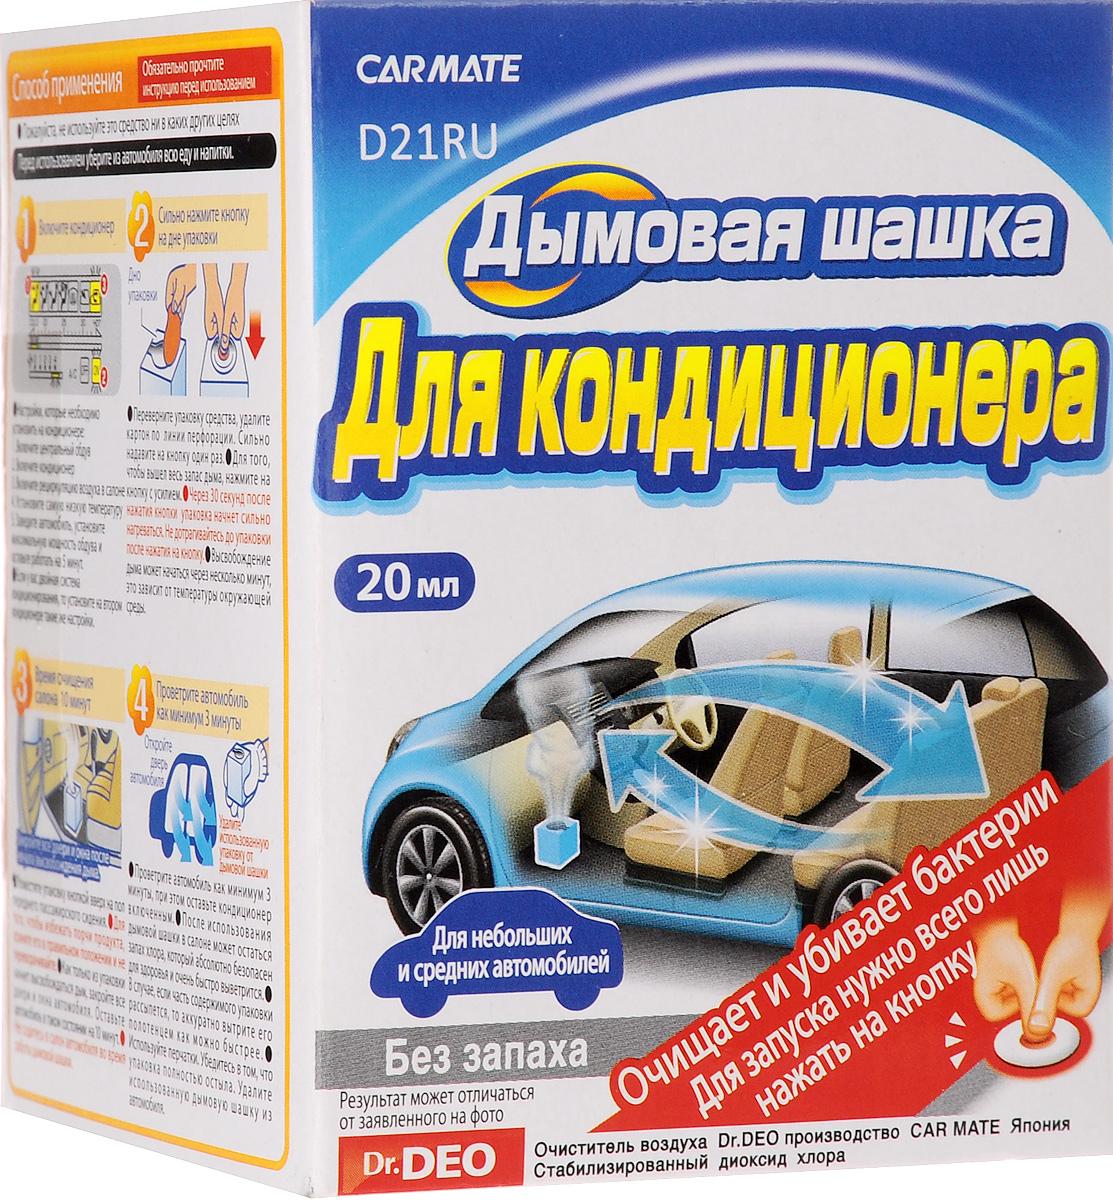 Дымовая шашка для кондиционера Carmate, 20 млD21RUCarmate помогает легко избавиться от неприятных запахов, а также защитить себя и своих близких от вредоносных бактерий. Специальная формула позволяет устранить запахи, накопившиеся в сидениях автомобиля. Дымовая шашка не маскирует запахи, а устраняет причины их появления - бактерии, вирусы, грибки, скопившиеся в системе кондиционирования автомобиля. Бактерицидный эффект достигается благодаря использованию стабилизированного диоксида хлора.Состав: стабилизированный диоксид хлора, оксид кальция, дистиллированная вода.Товар сертифицирован.